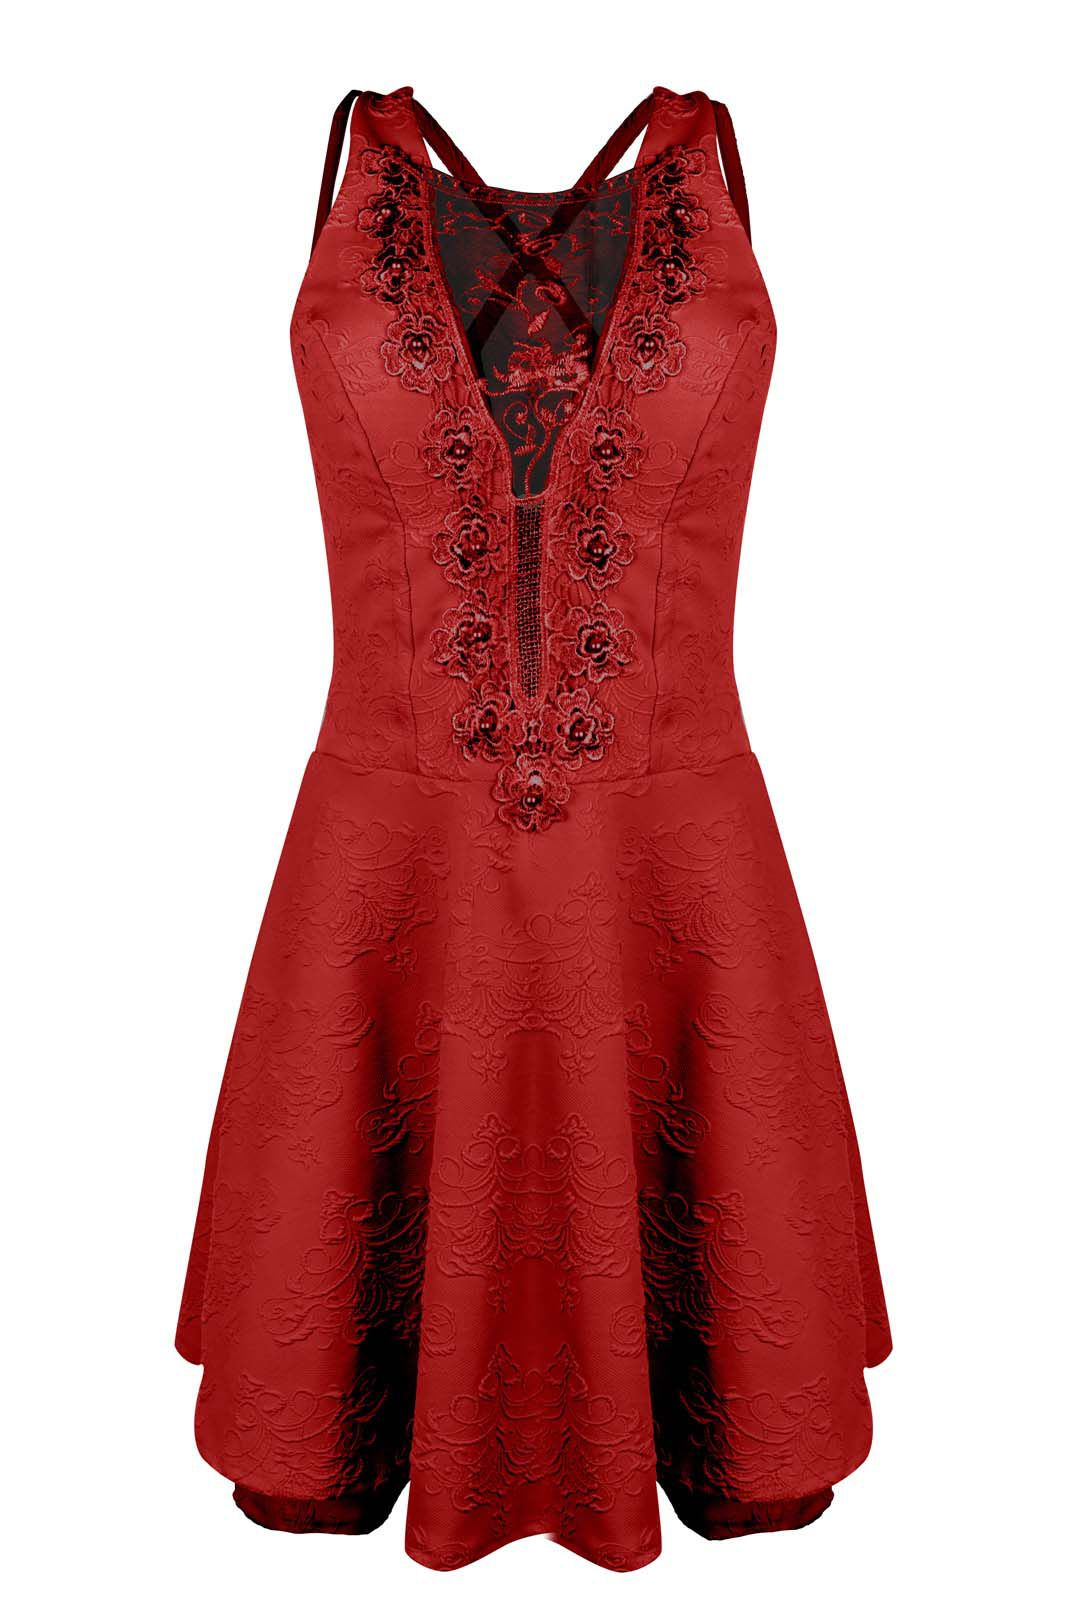 Vestido Outlet Dri Alça Grossa Gode Jacquard Perola Decote Detalhe Tule Vermelho